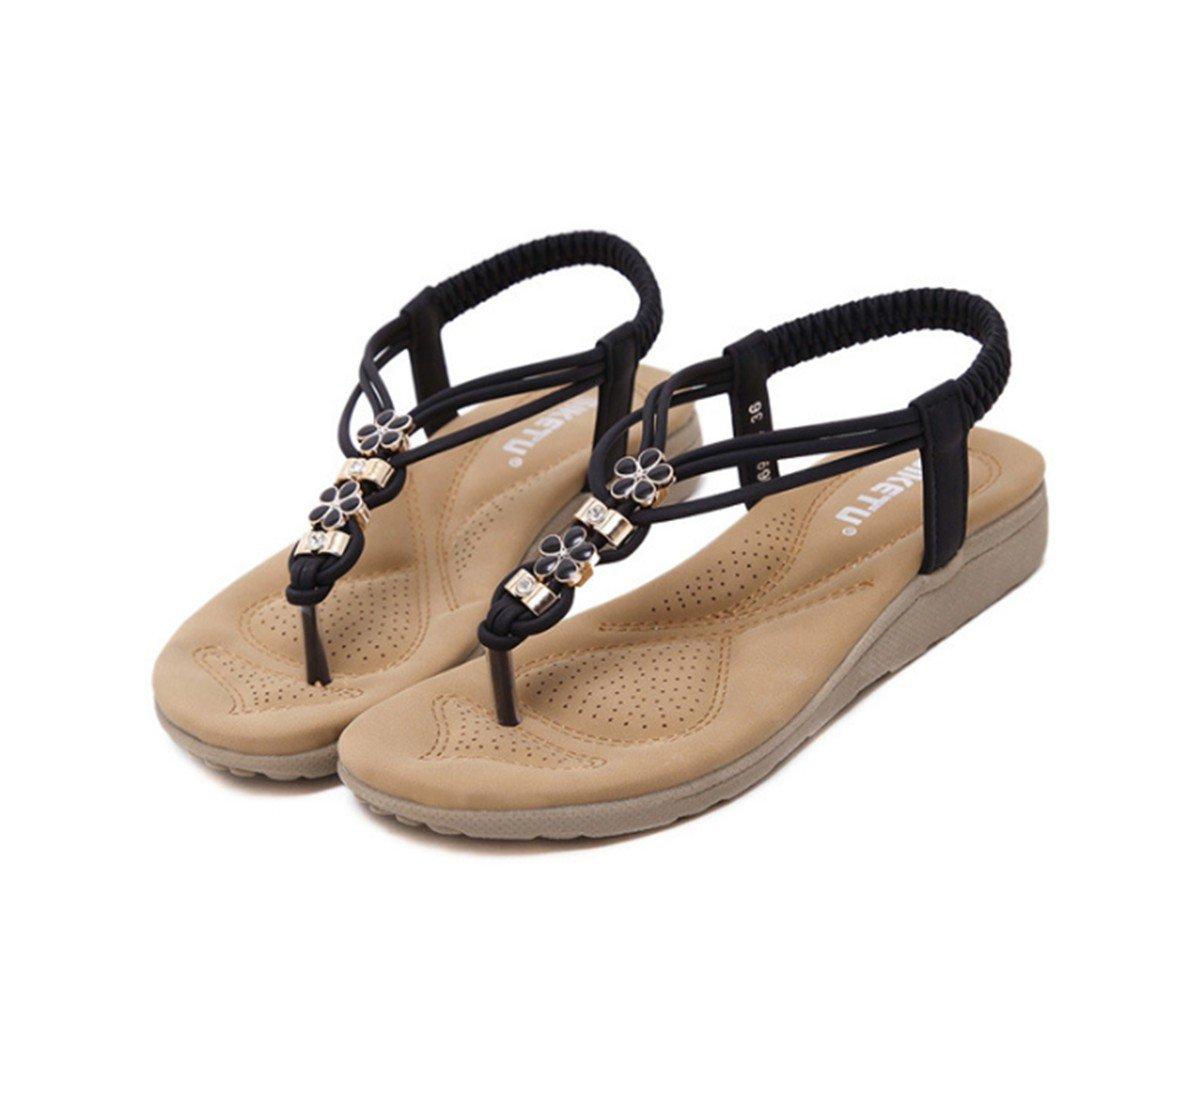 ac0e72195b2 El servicio durable  email protected  Sandalias de Playa Para Mujer  Sandalias y